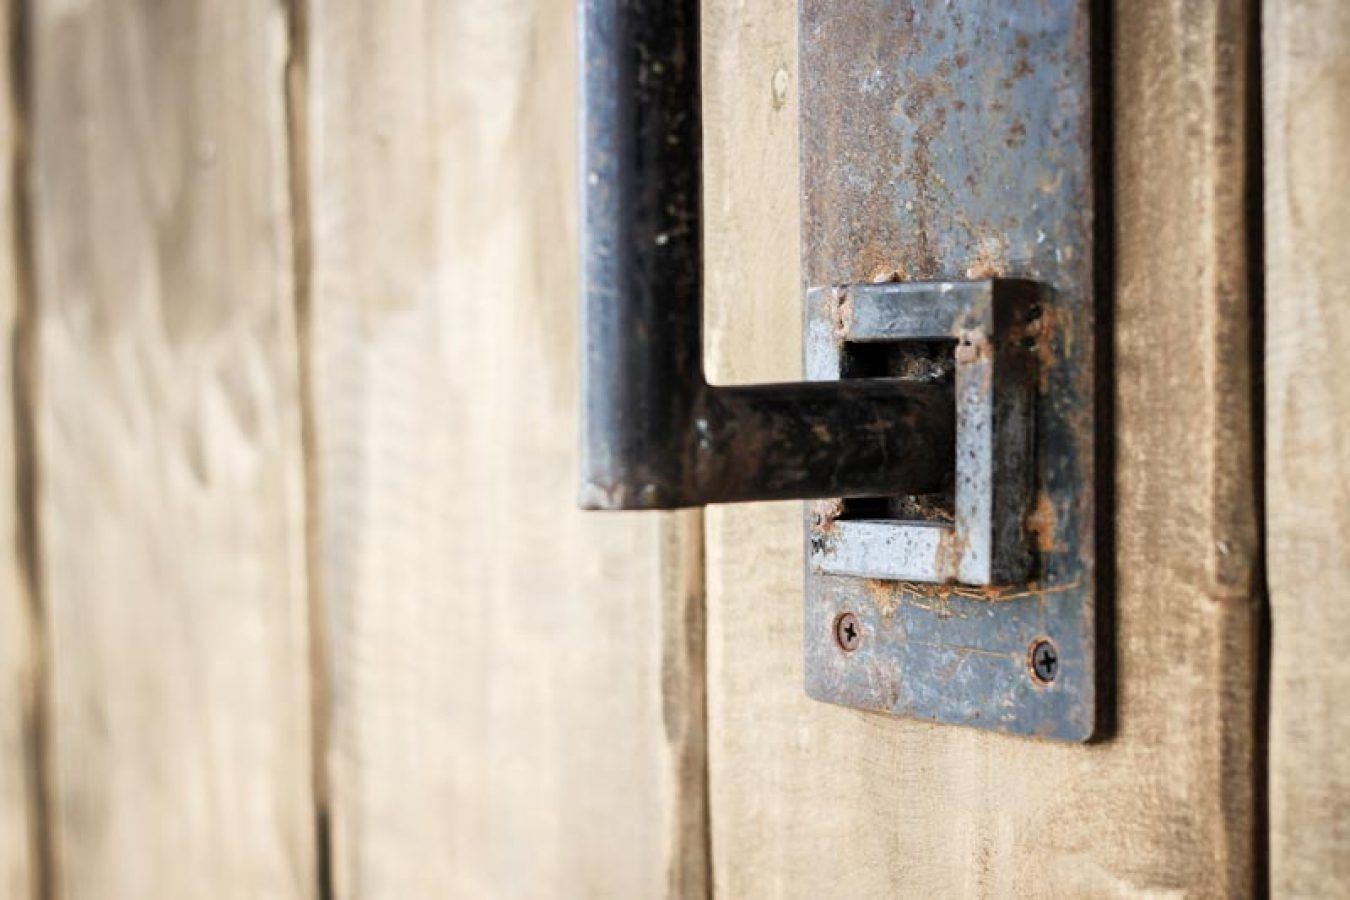 Cepajes Arte Mueble Rural Godoy Cruz Mendoza Argentina Puerta  # Muebles Godoy Cruz